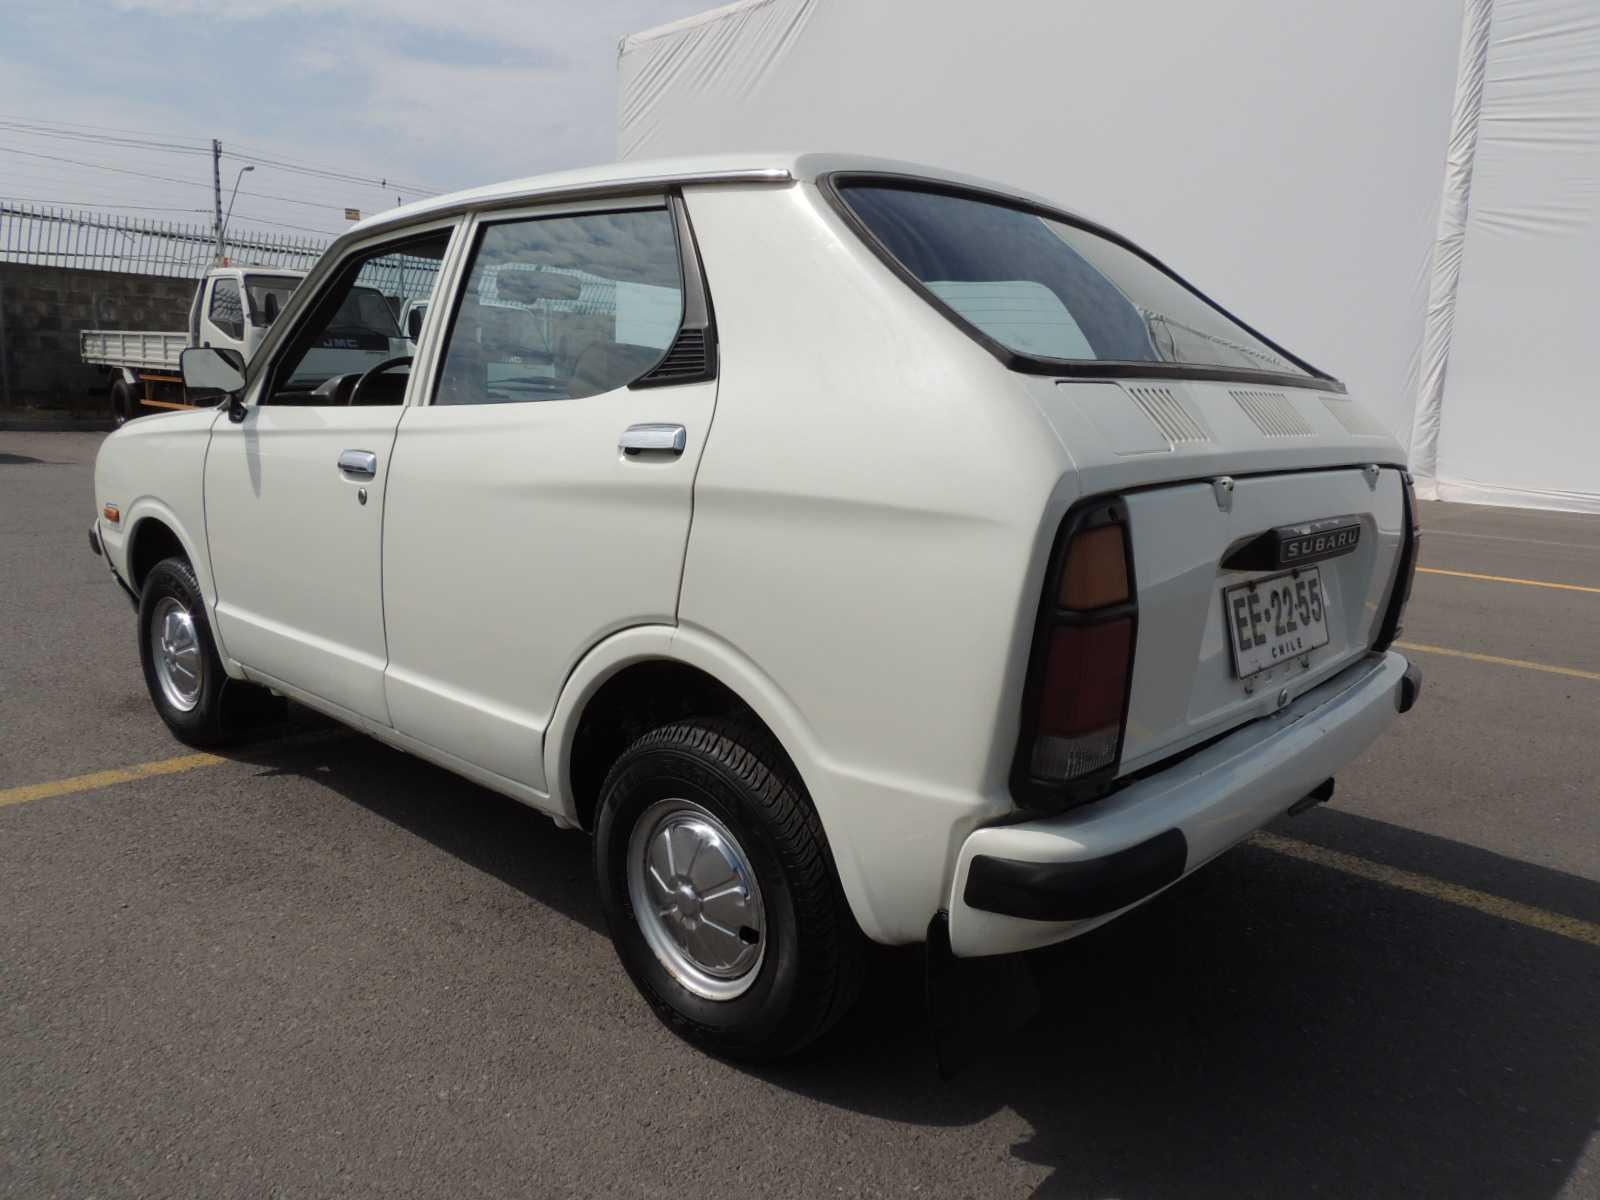 Subaru REX 600 Autos con Historia Rutamotor (10)